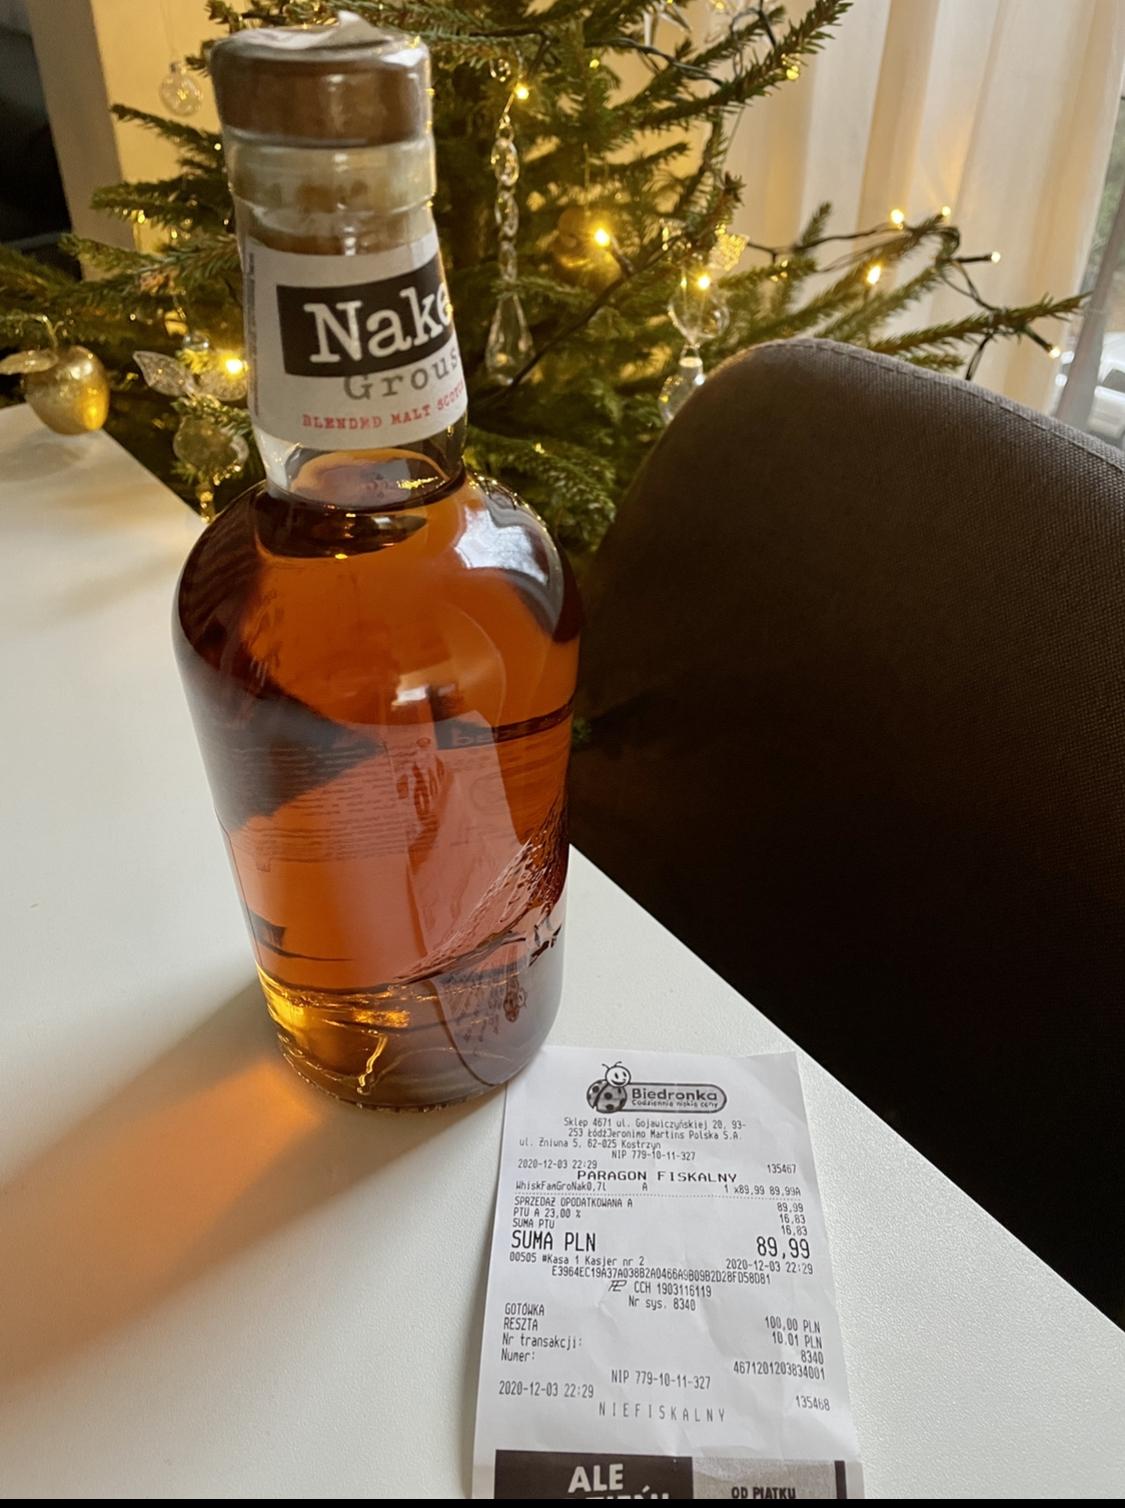 Whisky Naked Grouse Blended Malt 0.7l - Biedronka